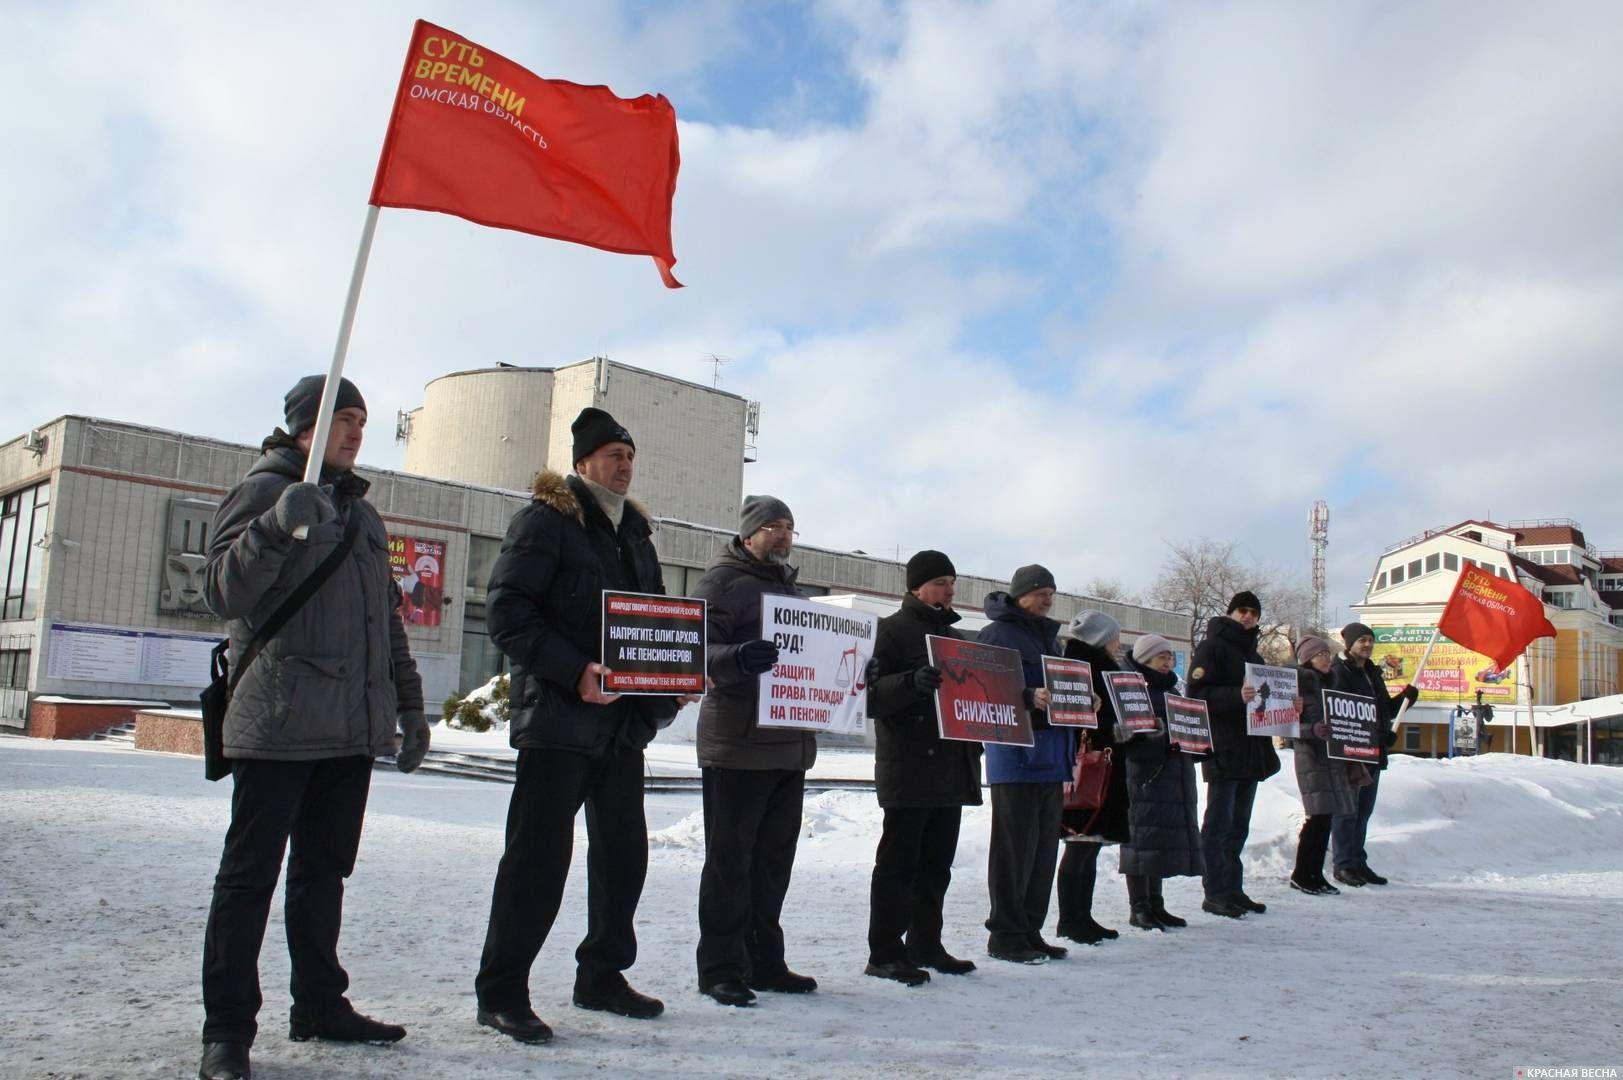 Пикет против пенсионной реформы в Омске. 03.03.2019